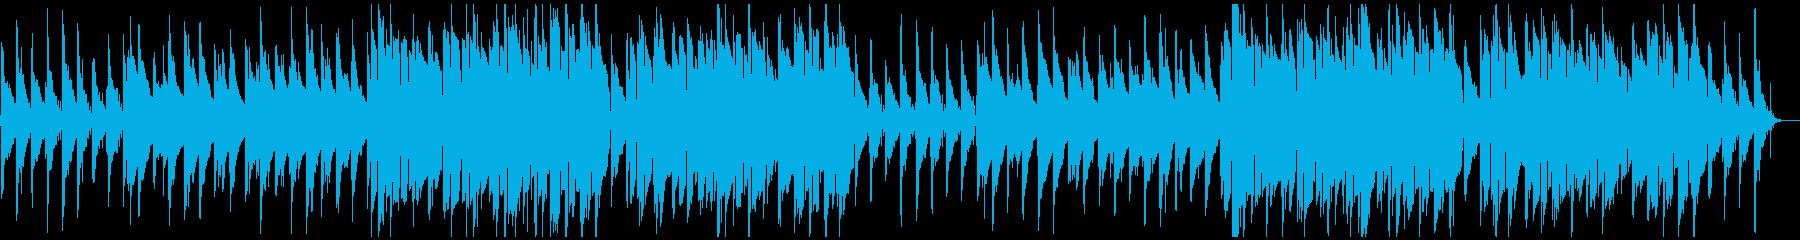 ちょっぴり感傷的なローファイヒップホップの再生済みの波形